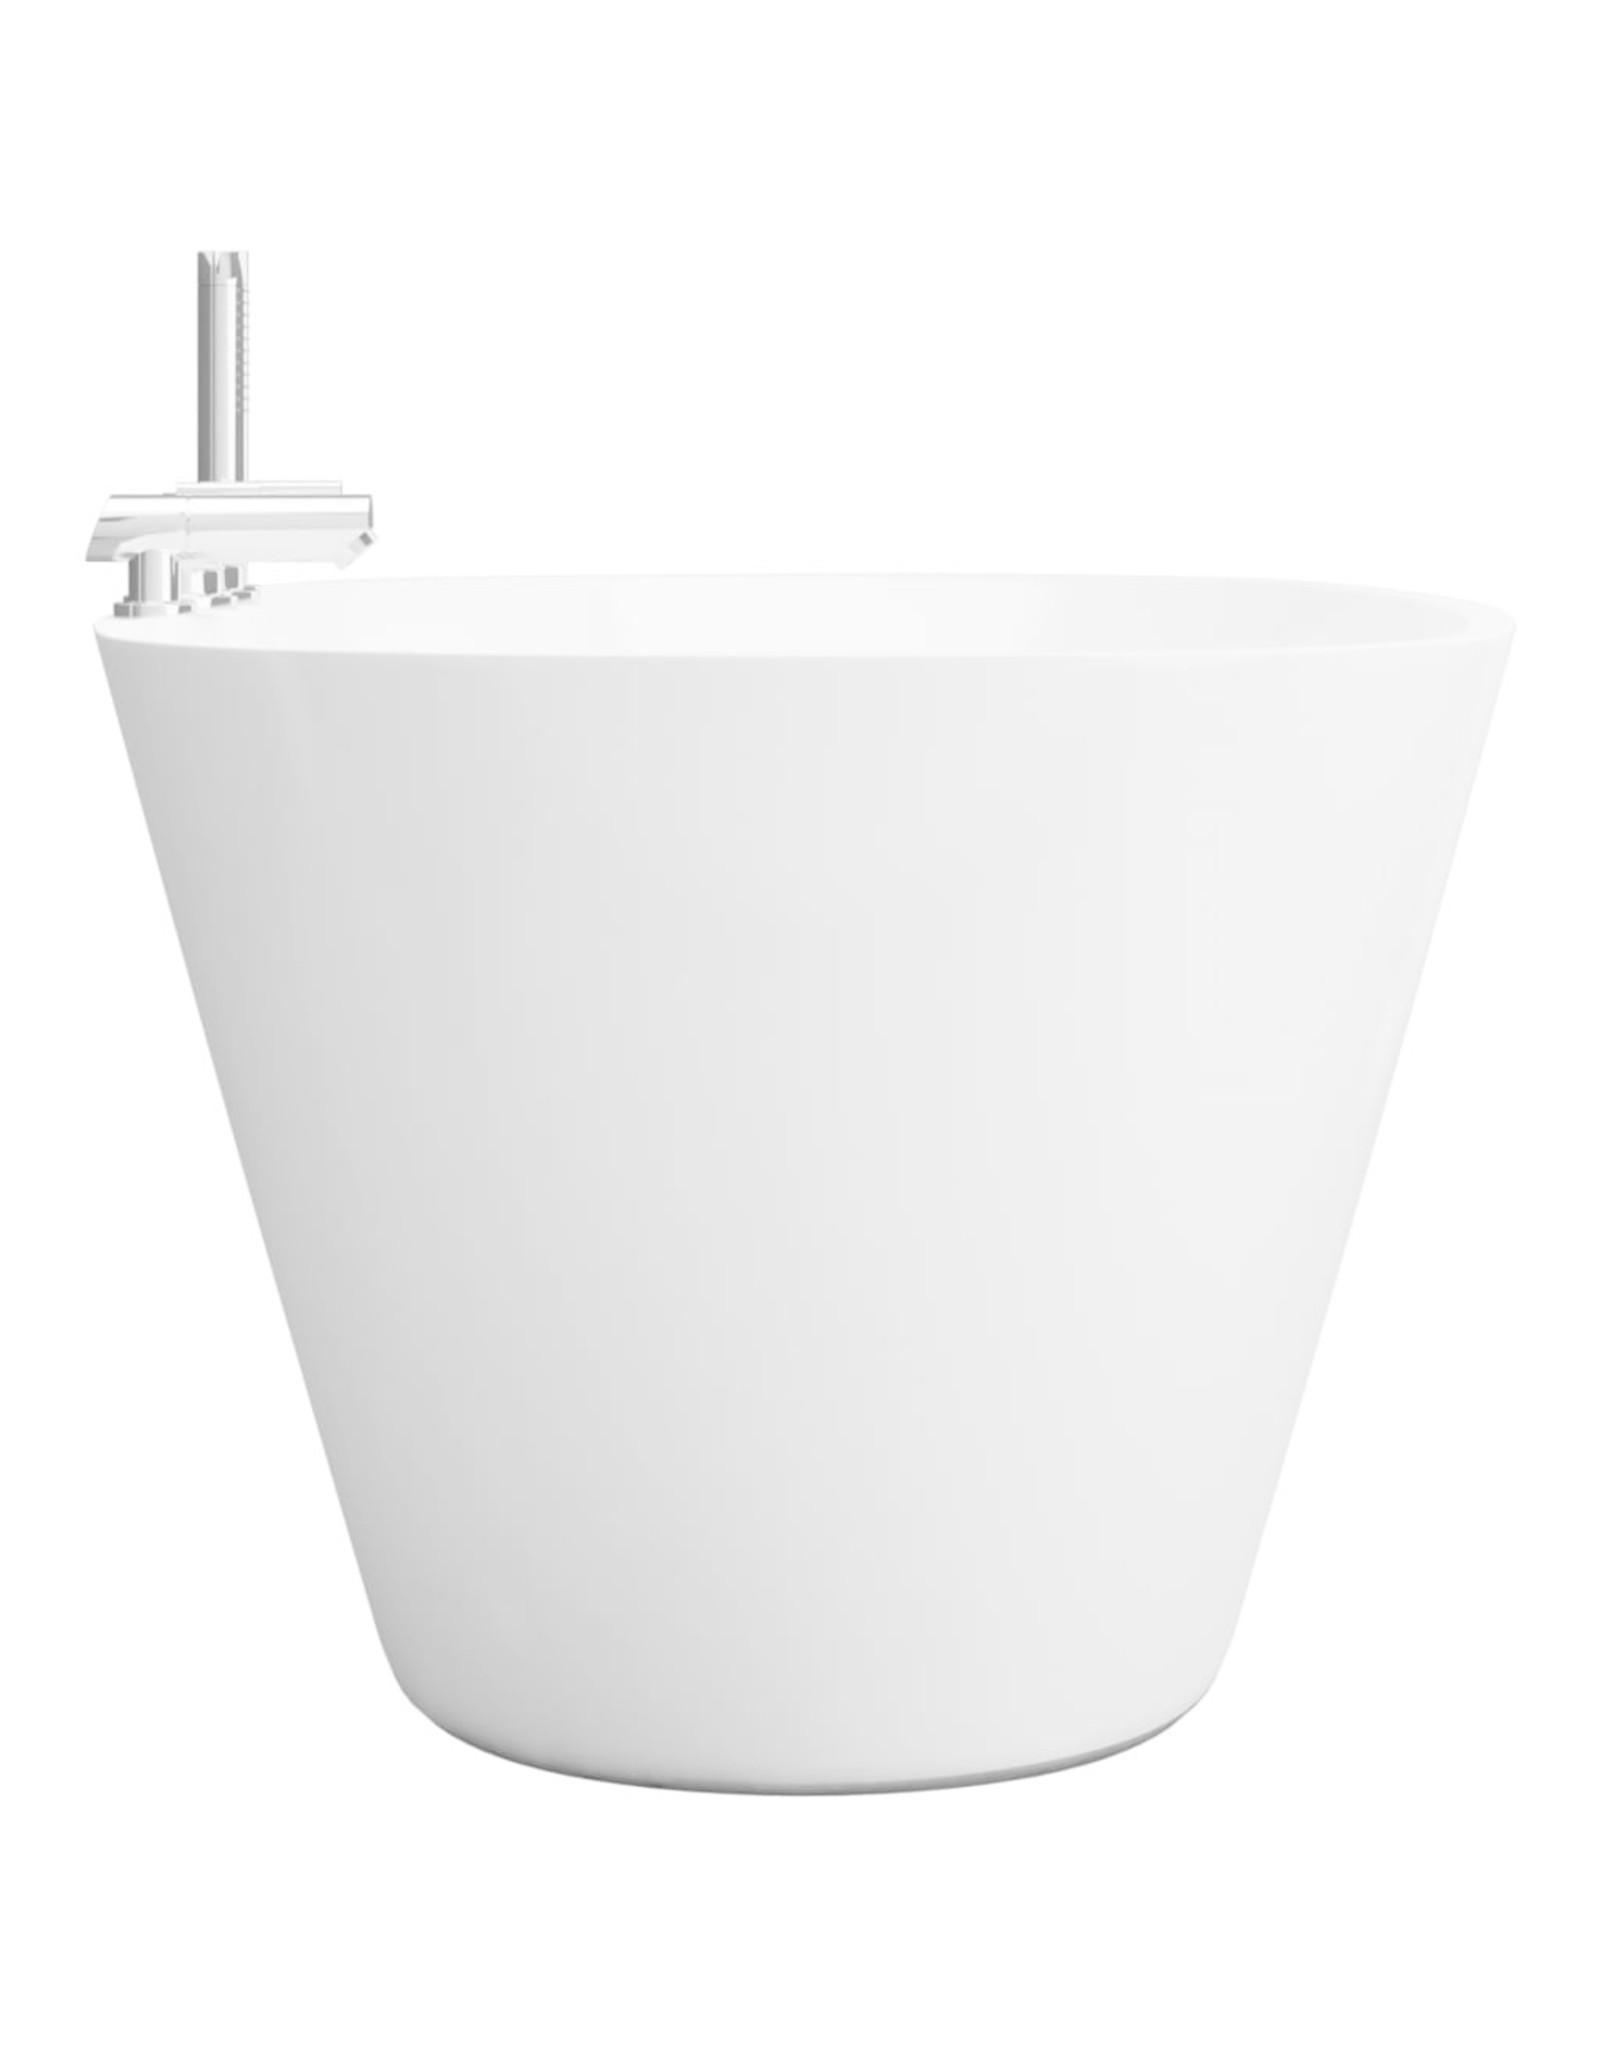 Badkuip vrijstaand met kraan 204 L acryl wit